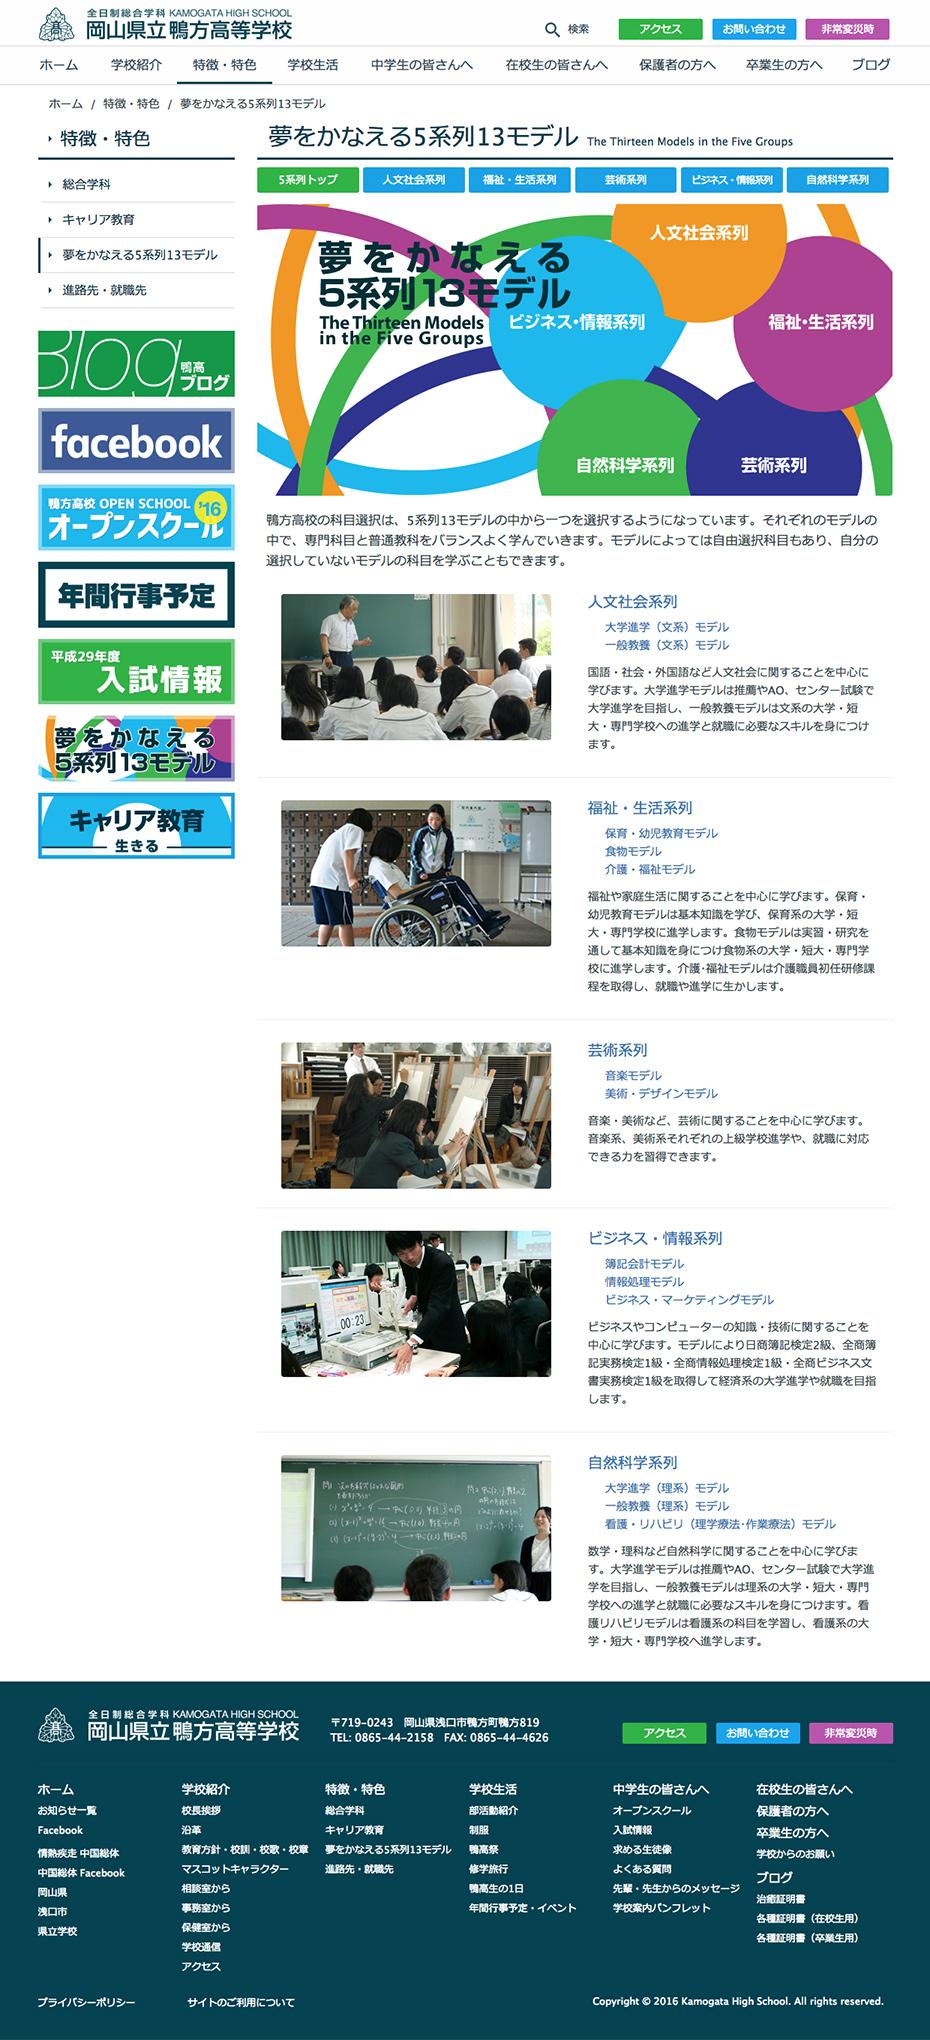 岡山県立鴨方高等学校様 ホームページ 夢をかなえる5系列13モデル